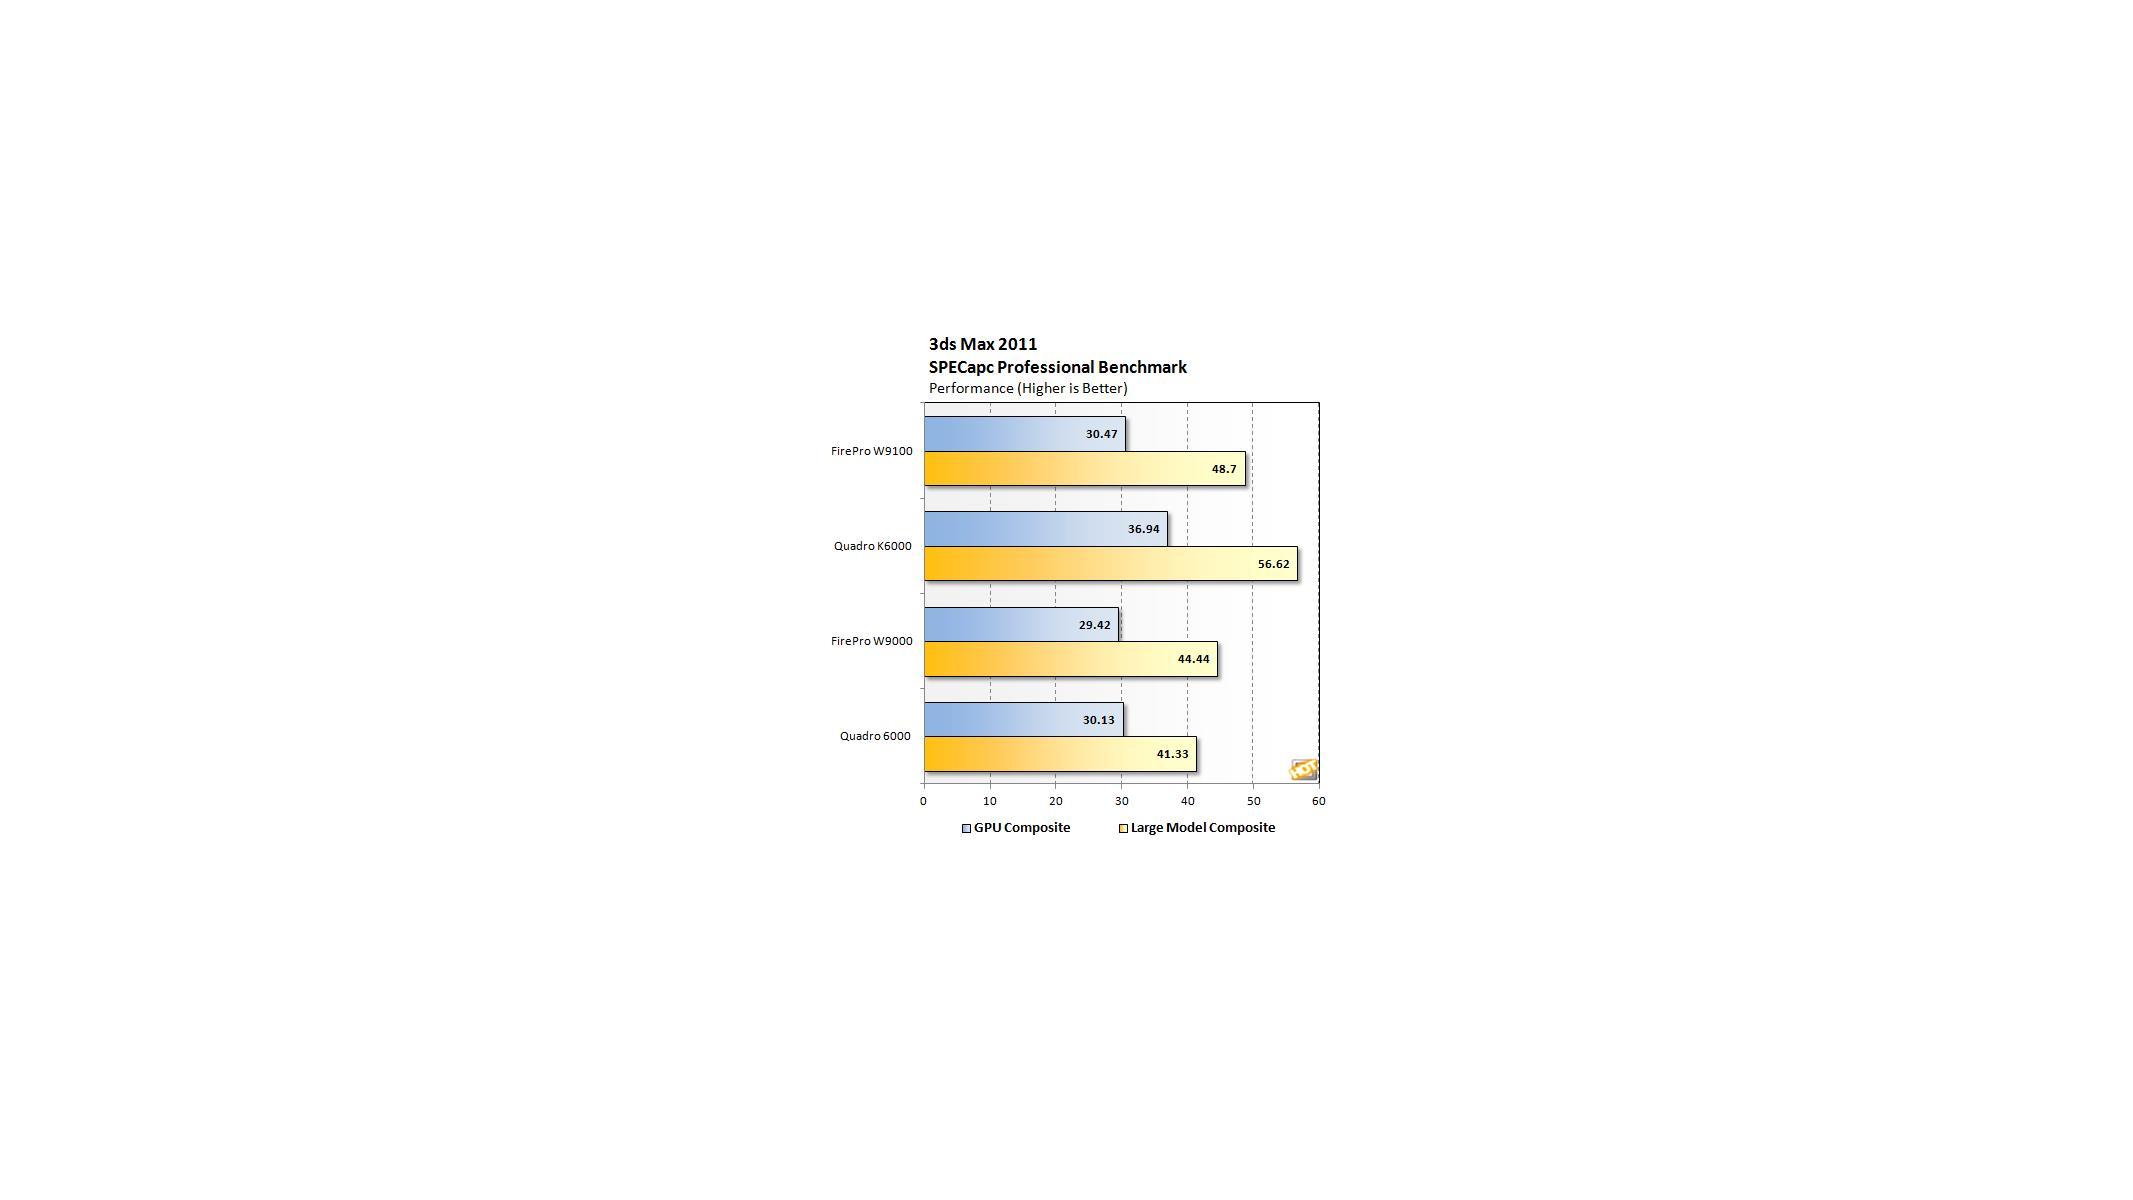 AMD FirePro W9100 vs NVIDIA Quadro K6000 - Page 4 | HotHardware